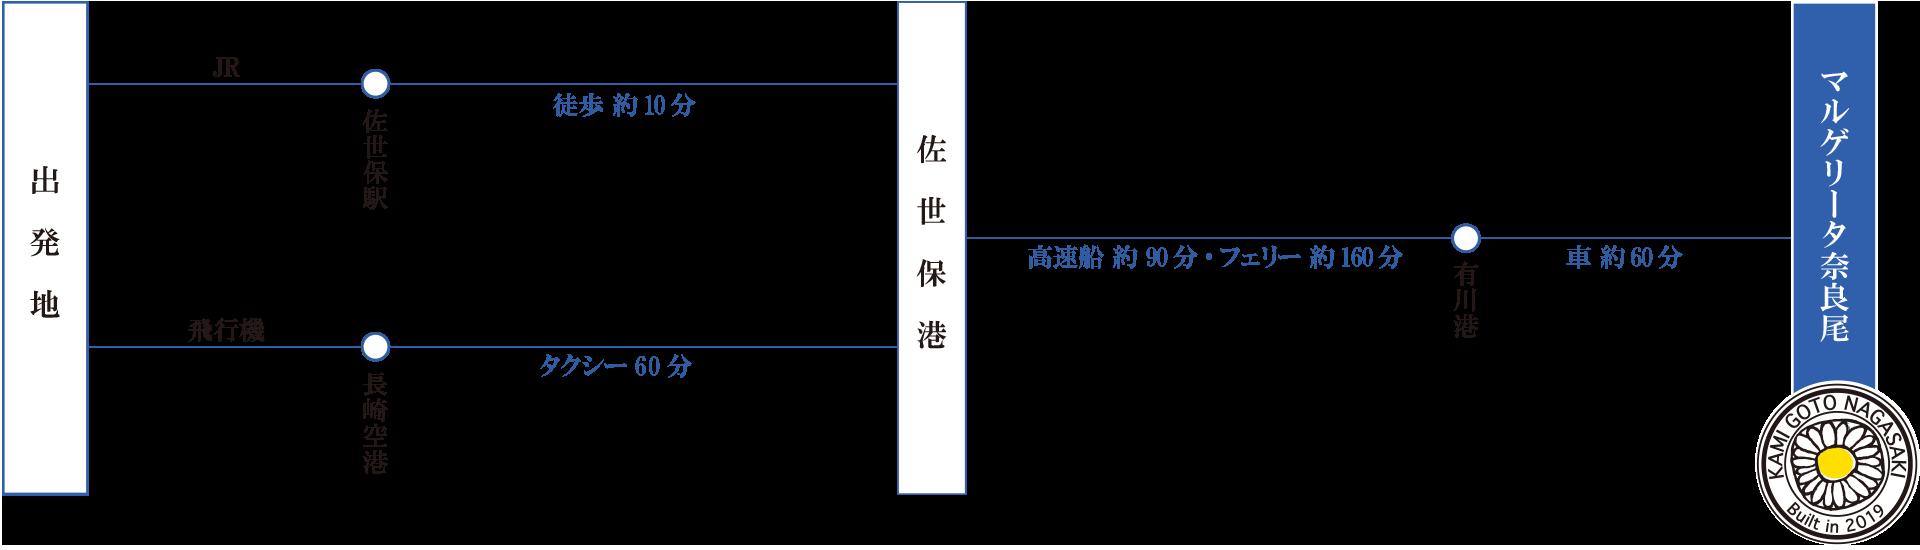 五島列島リゾートホテルマルゲリータ奈良尾 海ㇳ空○ㇳ星(うみとそらまるとほし)